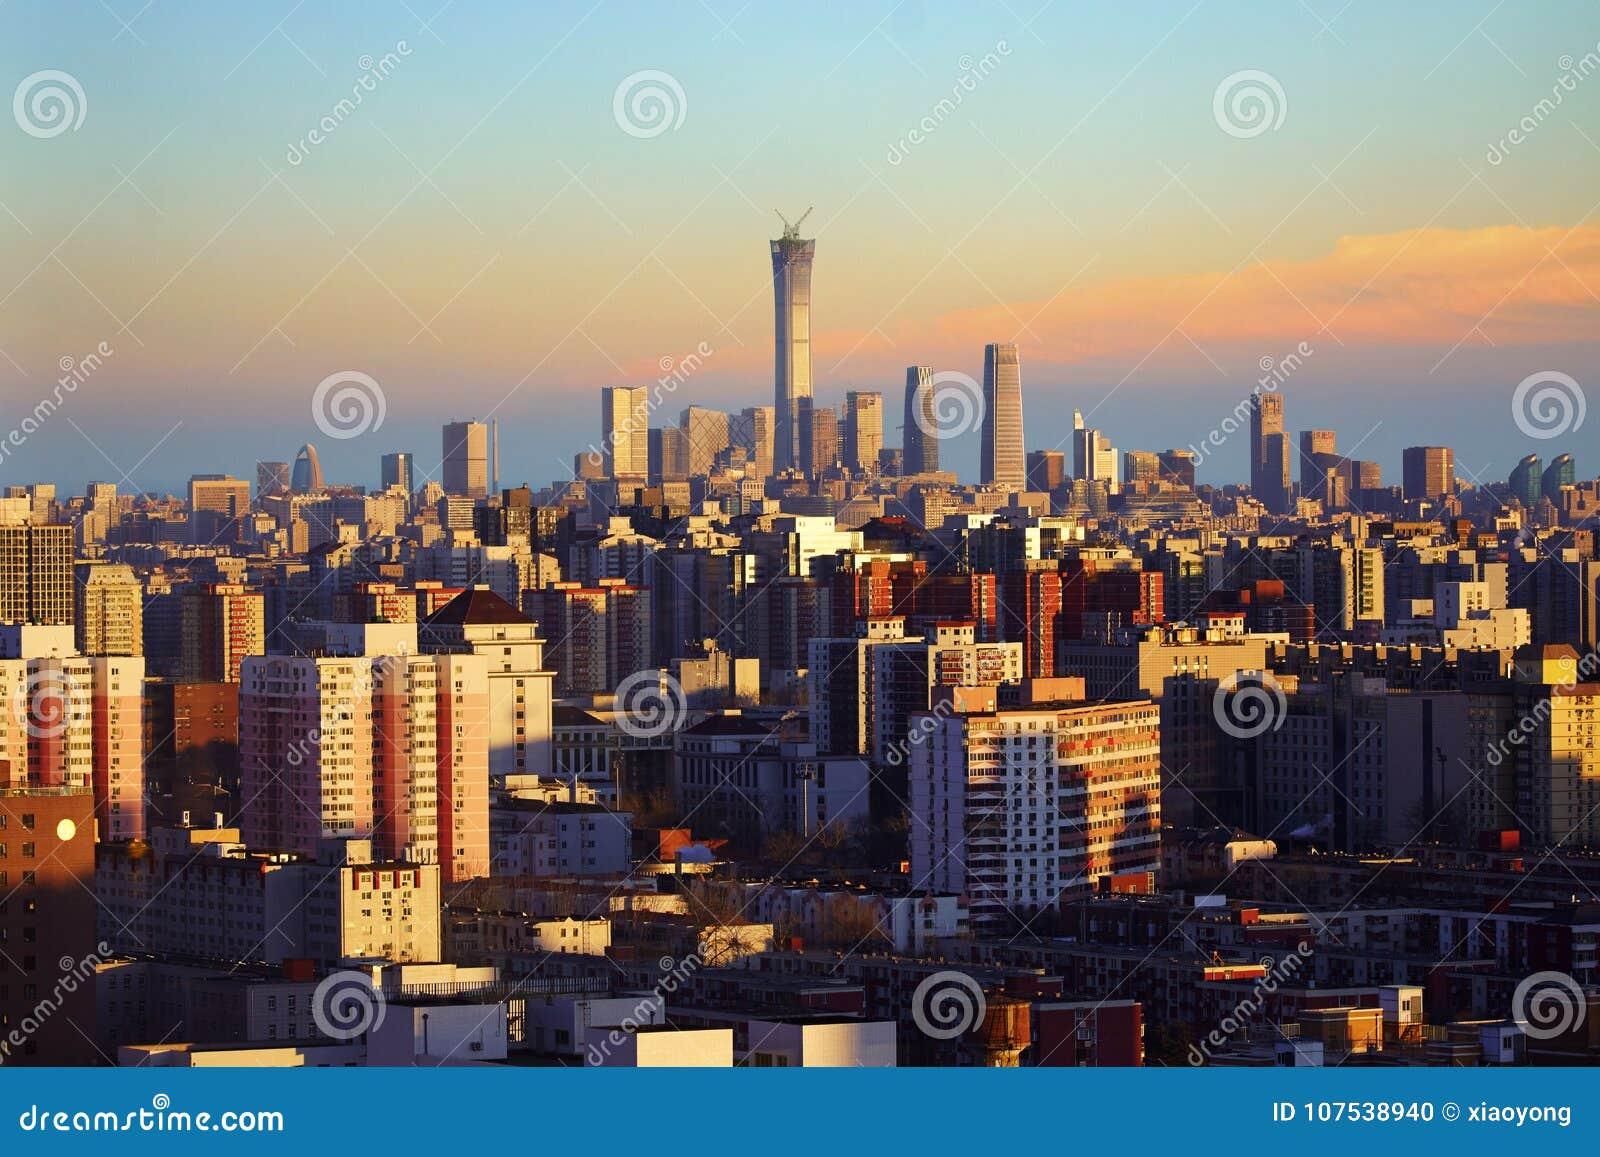 Beijing city skyline sunset, China